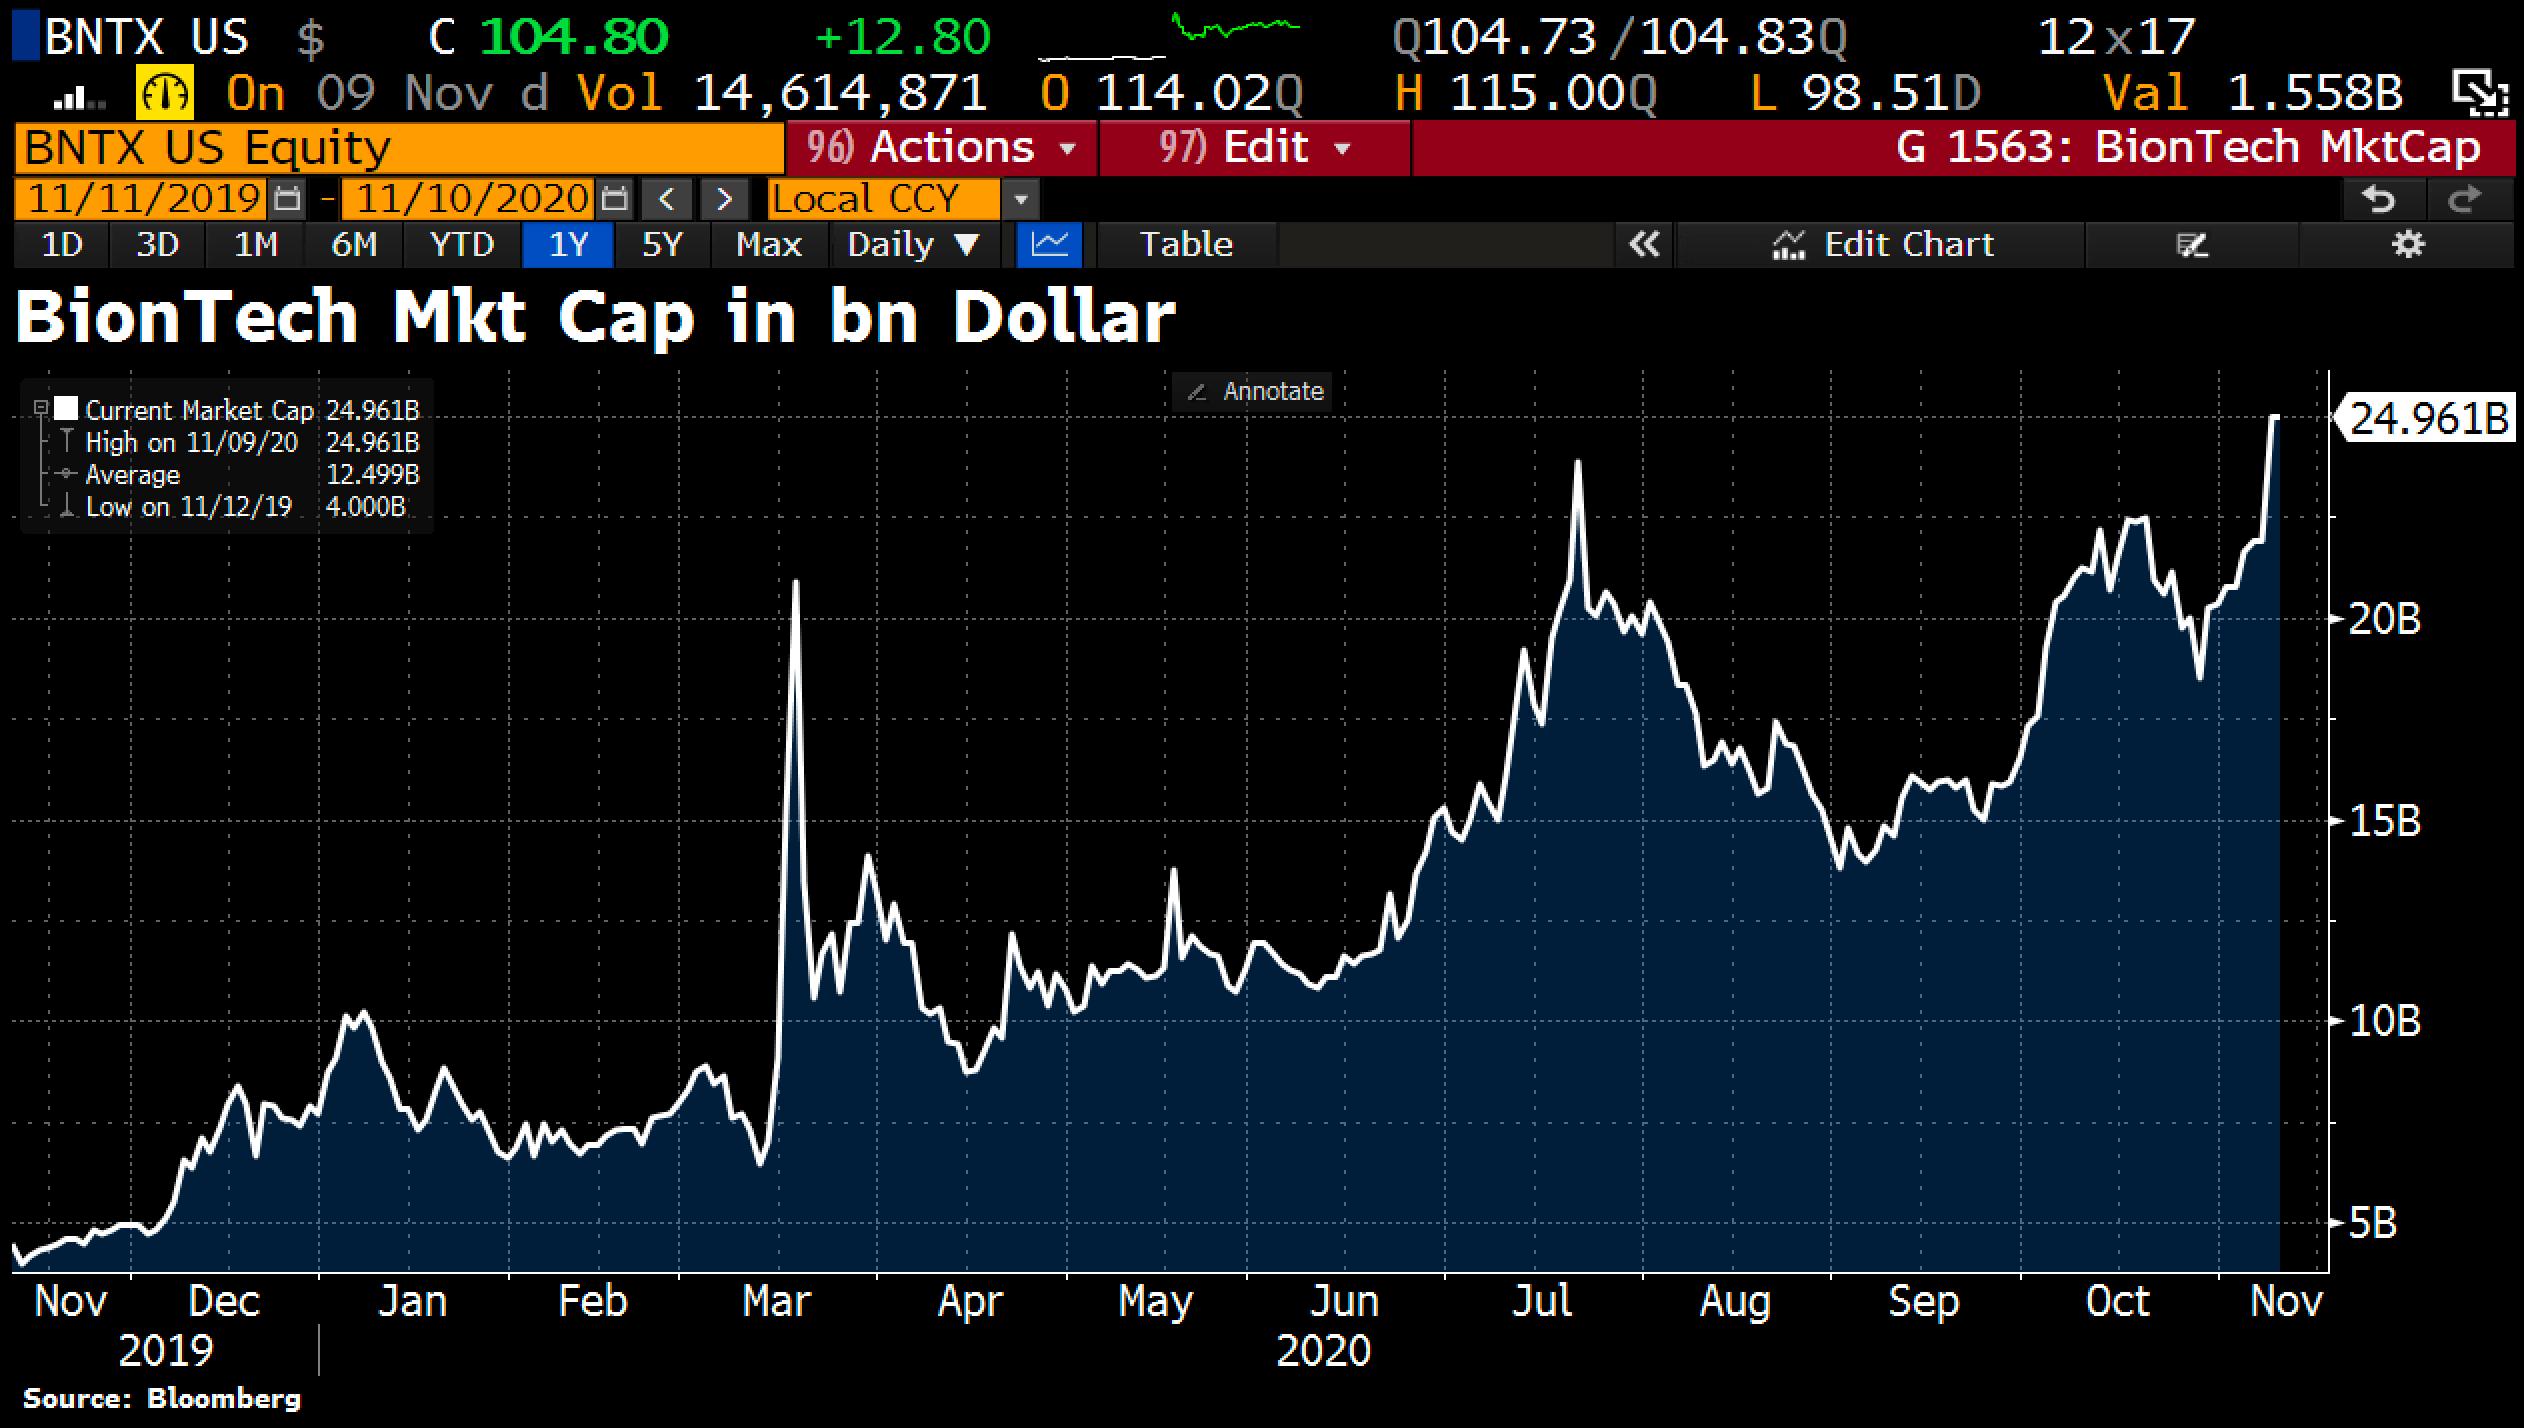 BionTech Market Cap in $